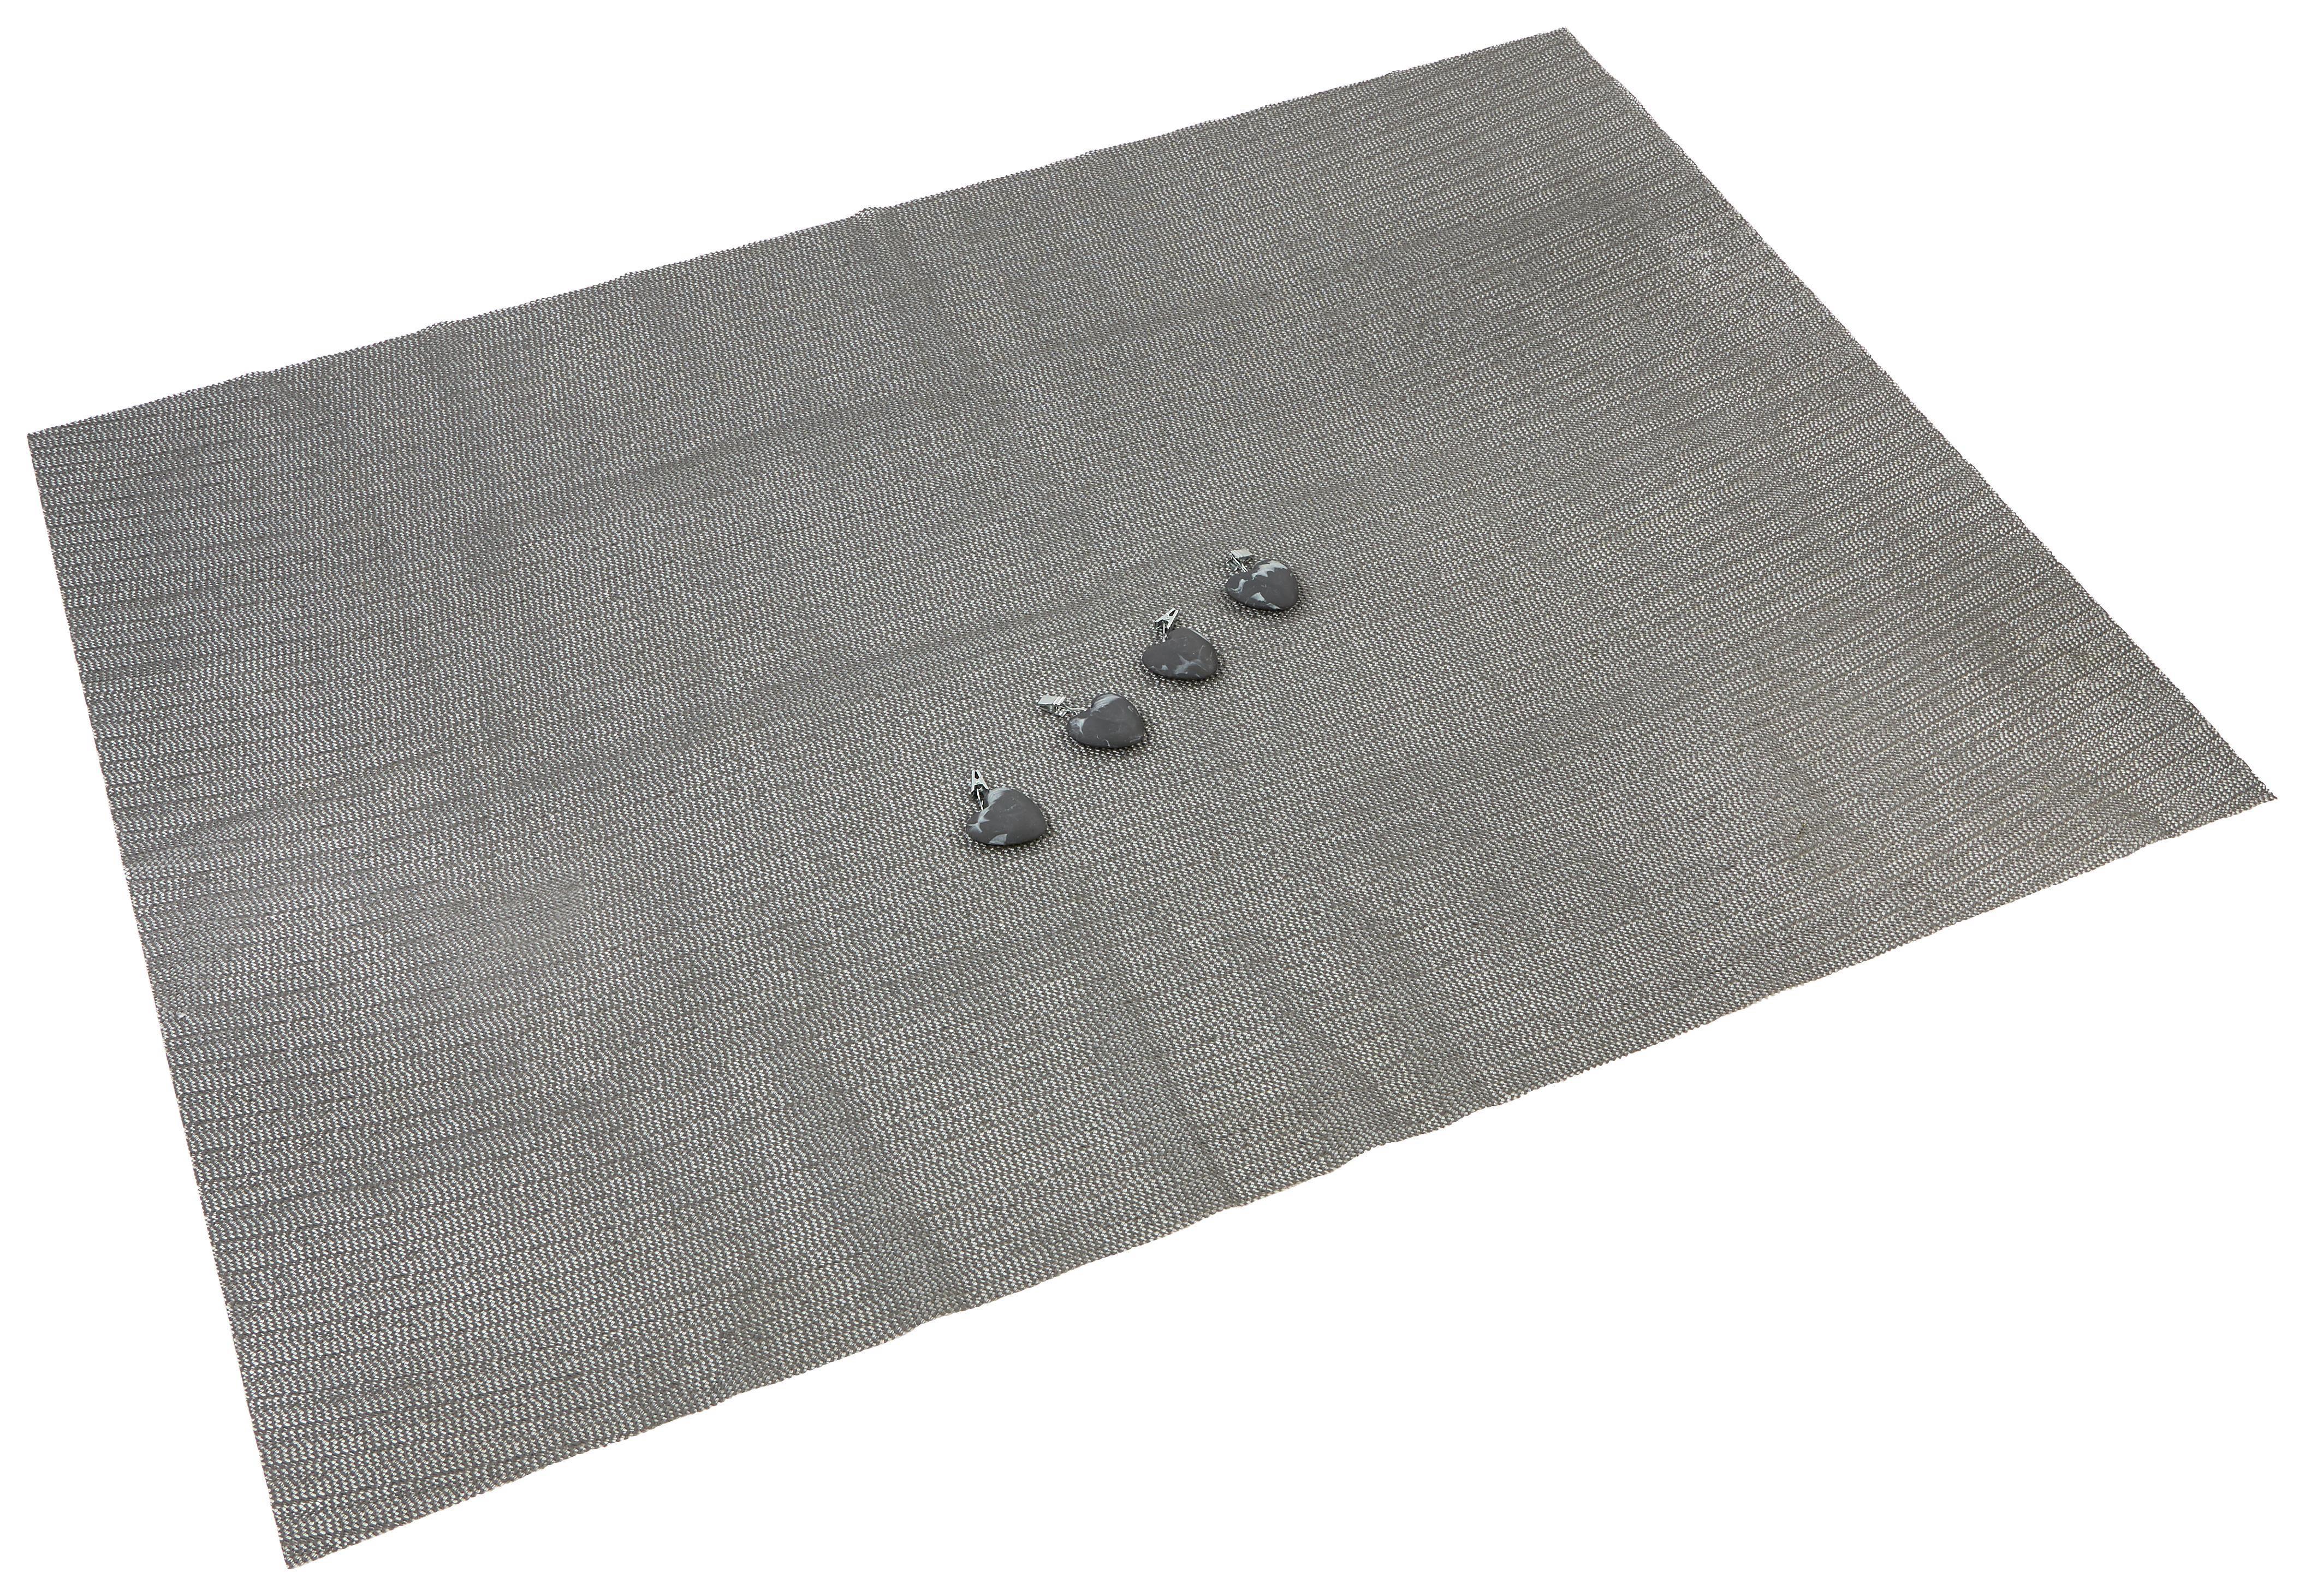 Terítő Laila - bézs/szürke, modern, textil (130/170cm)